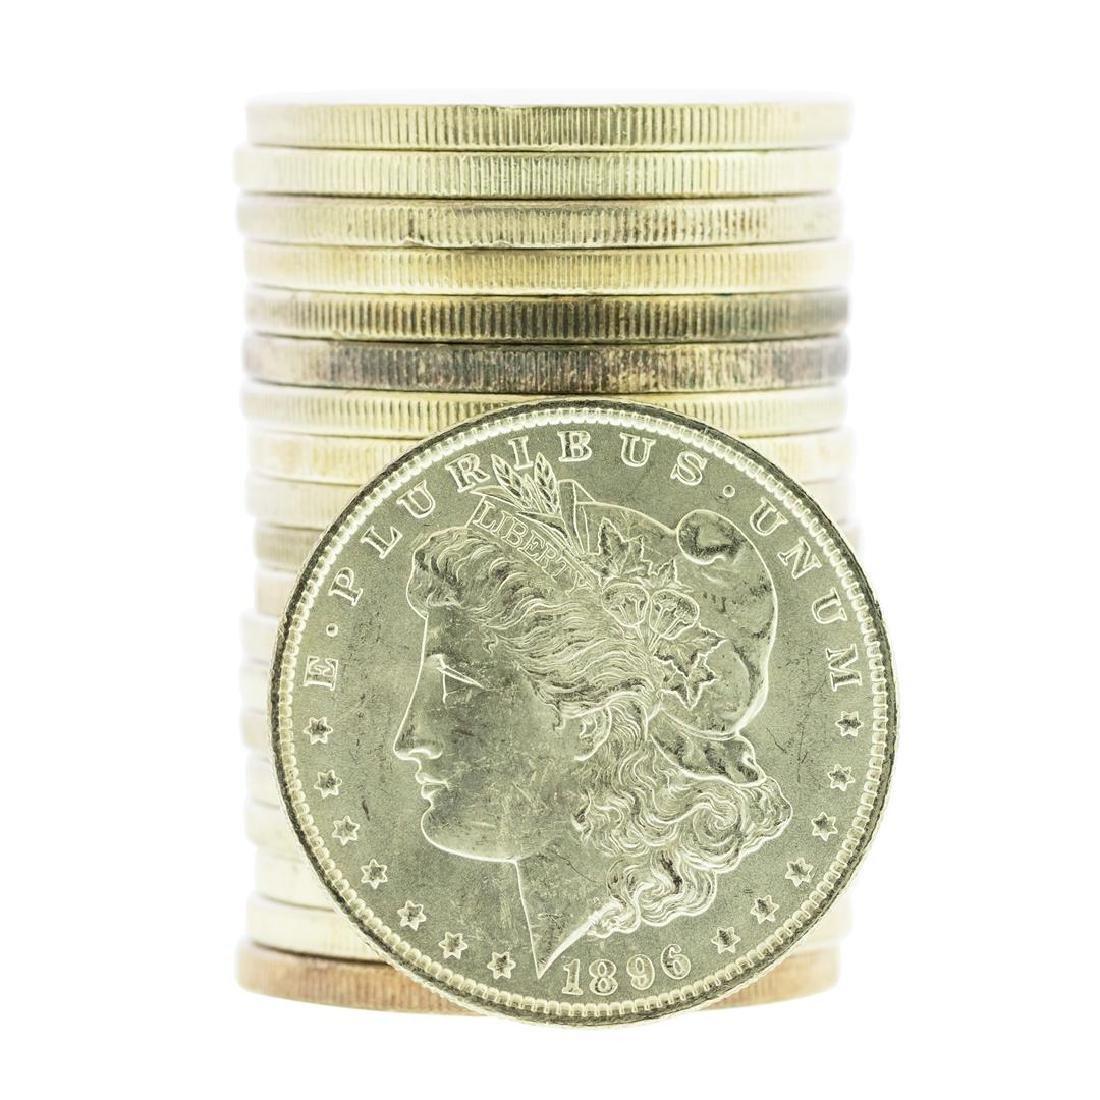 Roll of (20) 1896 $1 Brilliant Uncirculated Morgan